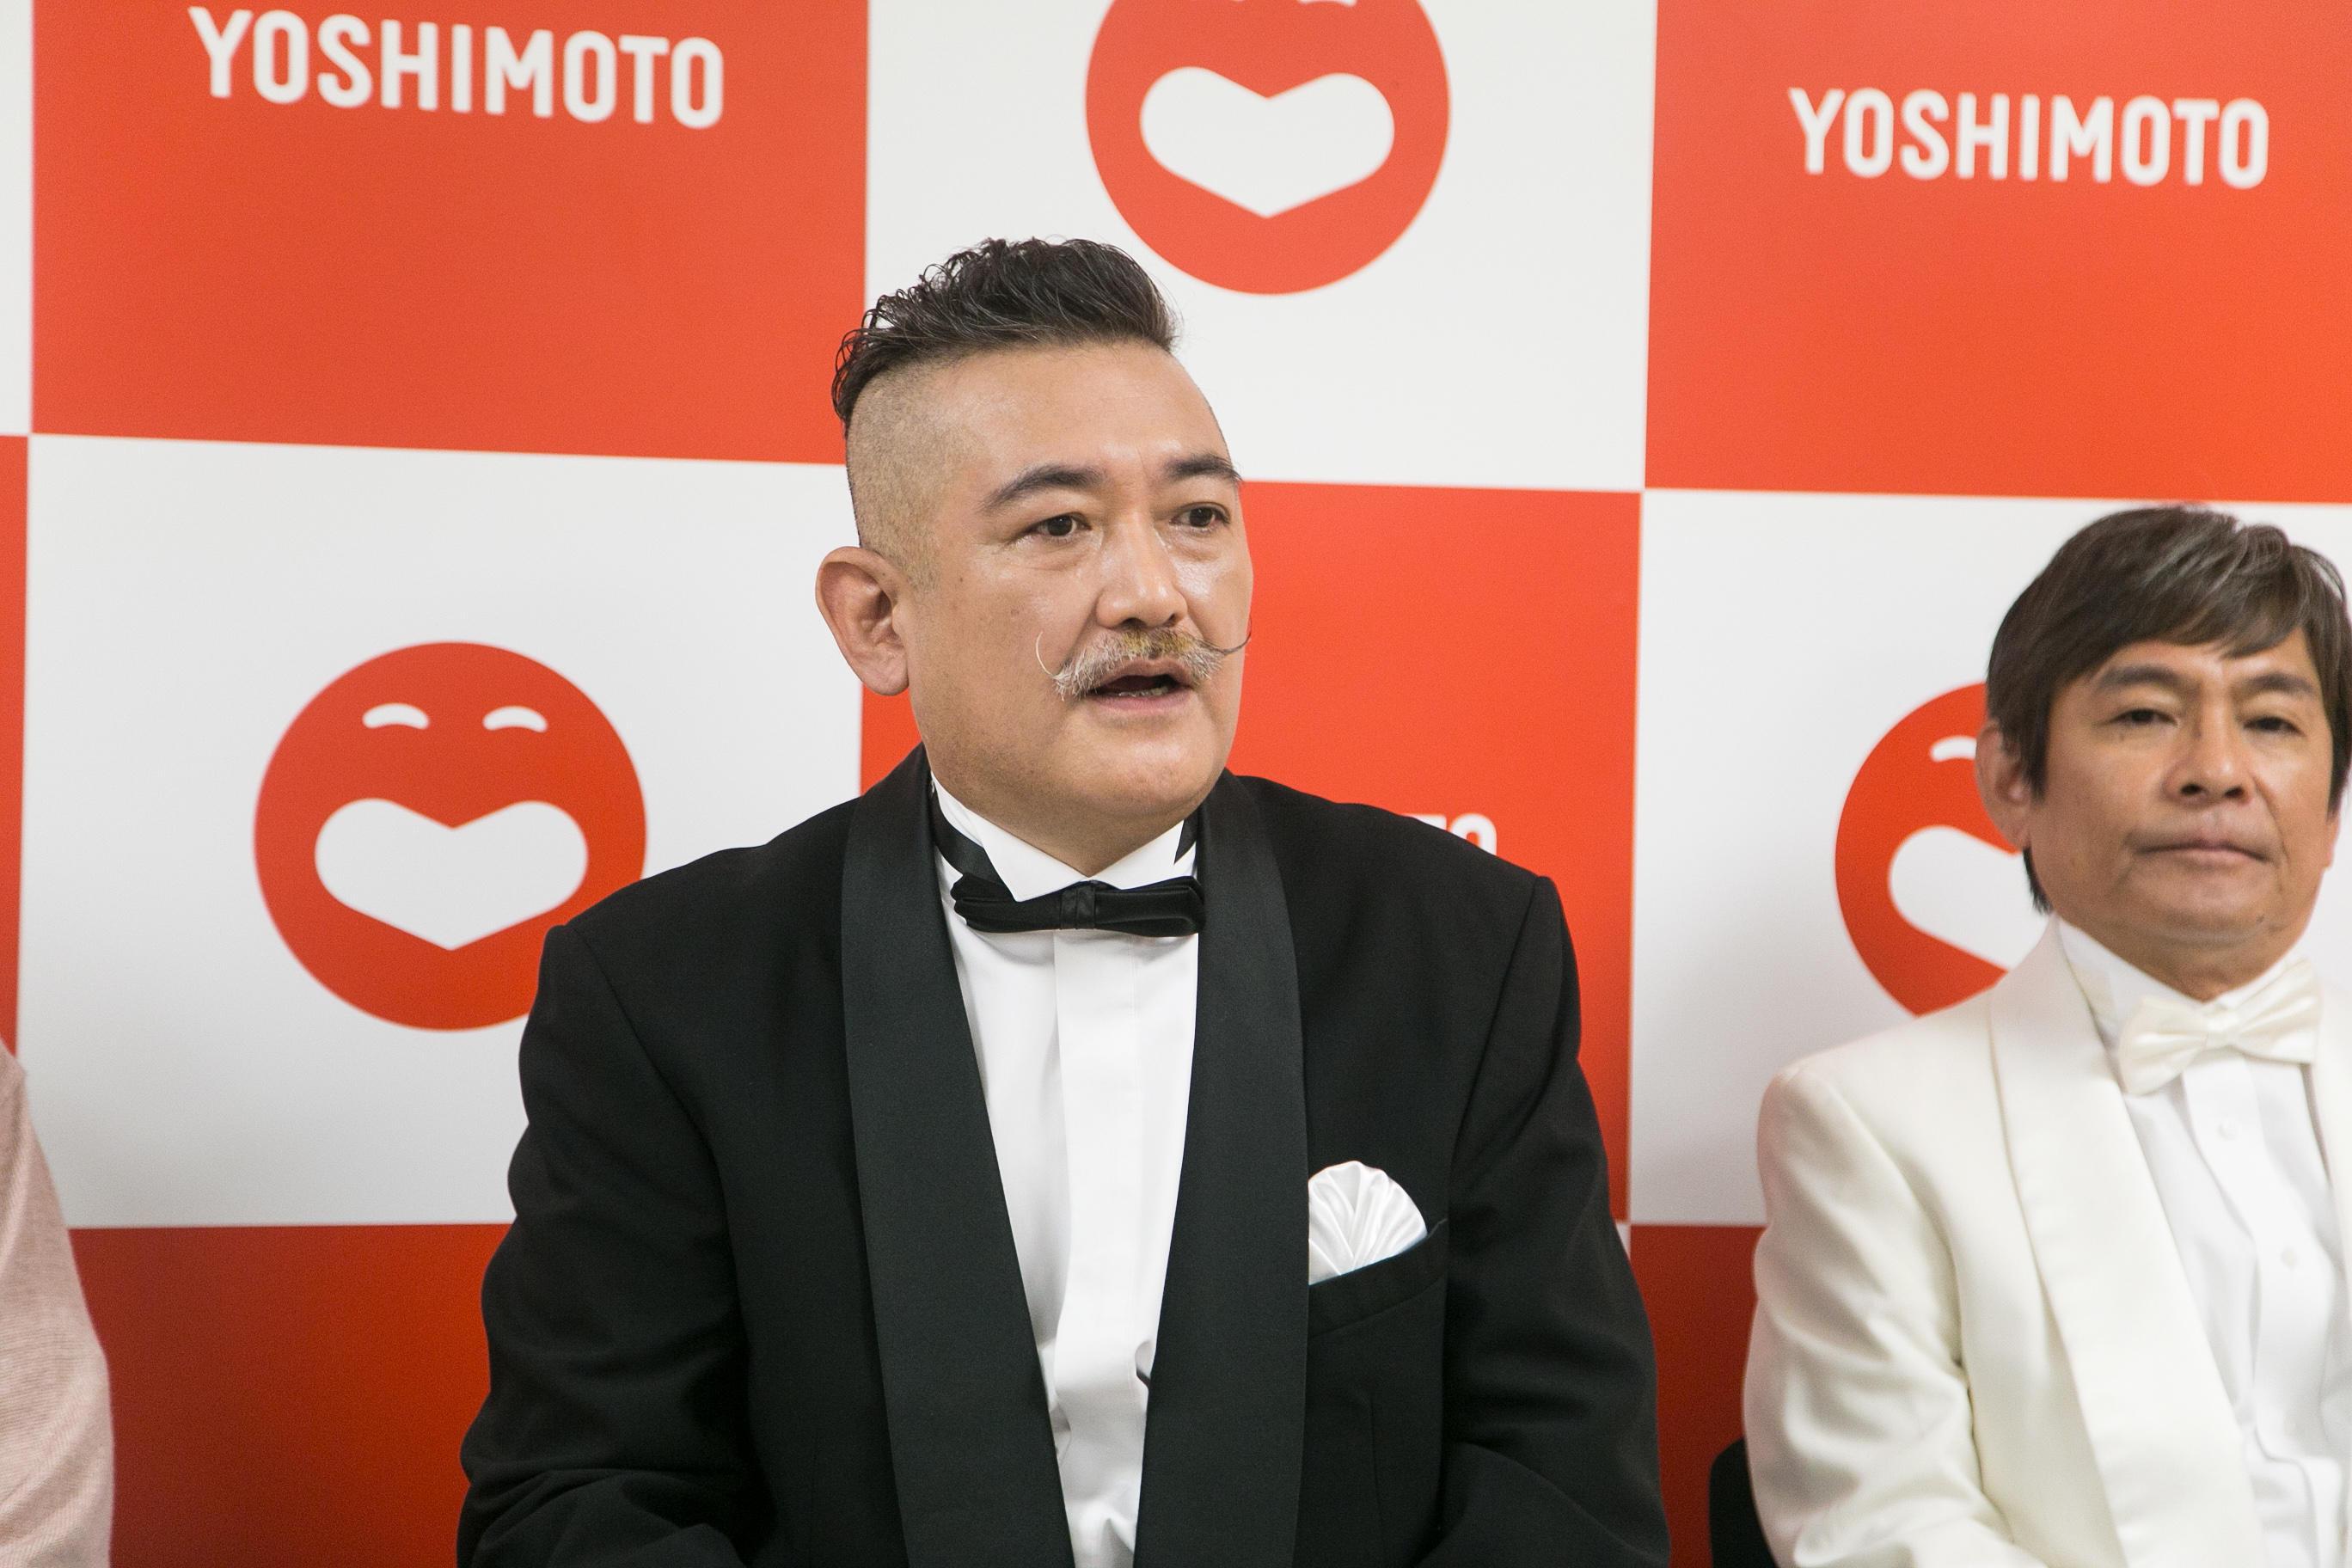 http://news.yoshimoto.co.jp/20180914170609-1b23e74f073ba3569abd839e11c17a2bb43ac0d6.jpg